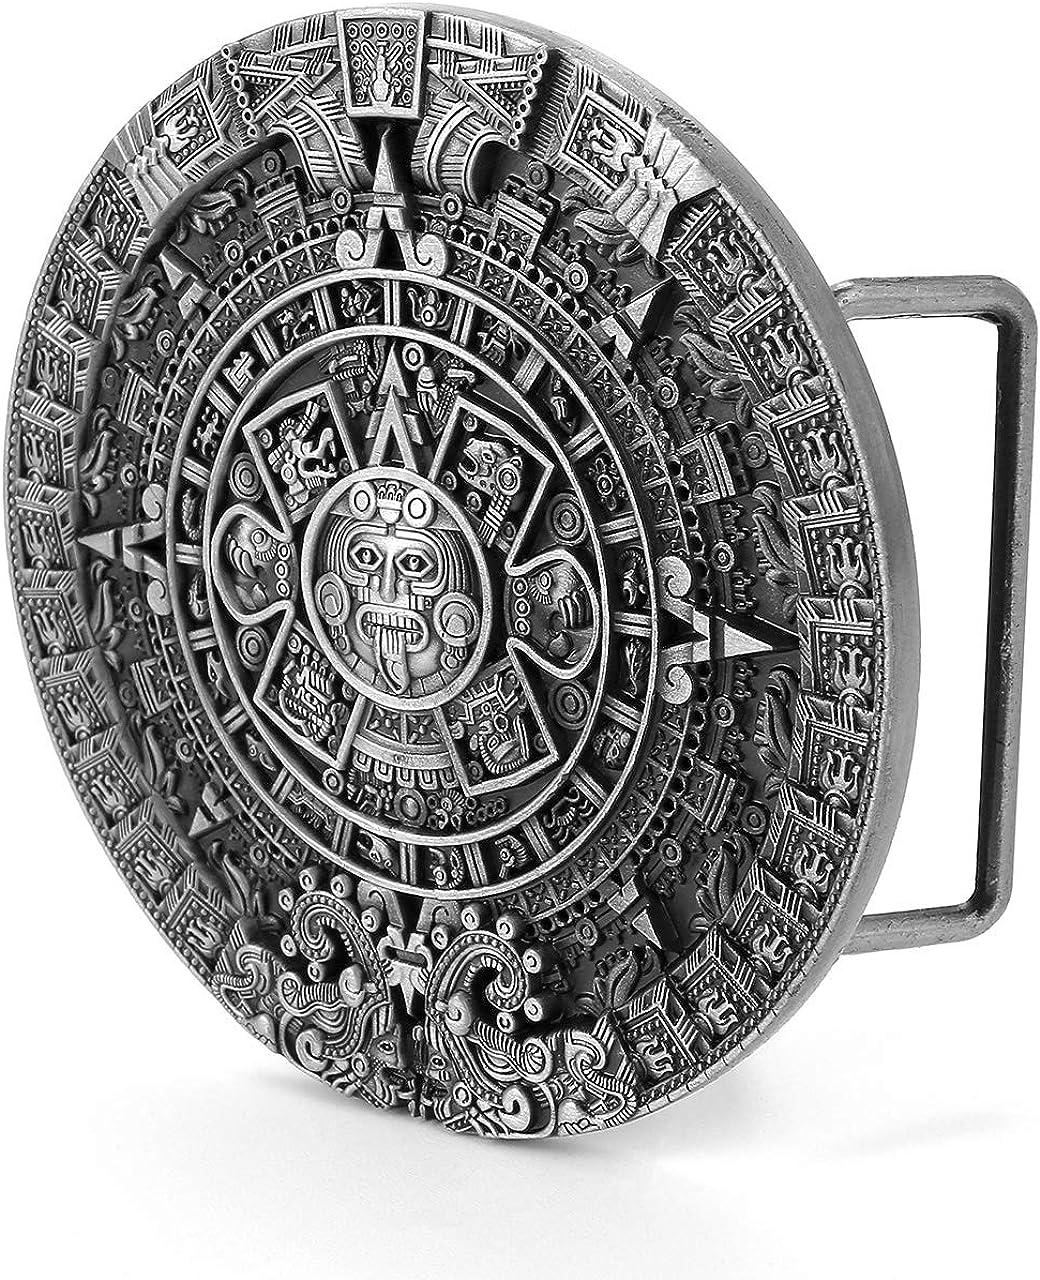 cuadrada dise/ño retro azteca maya con calendario solar Faletony Hebilla para cintur/ón de aleaci/ón de metal